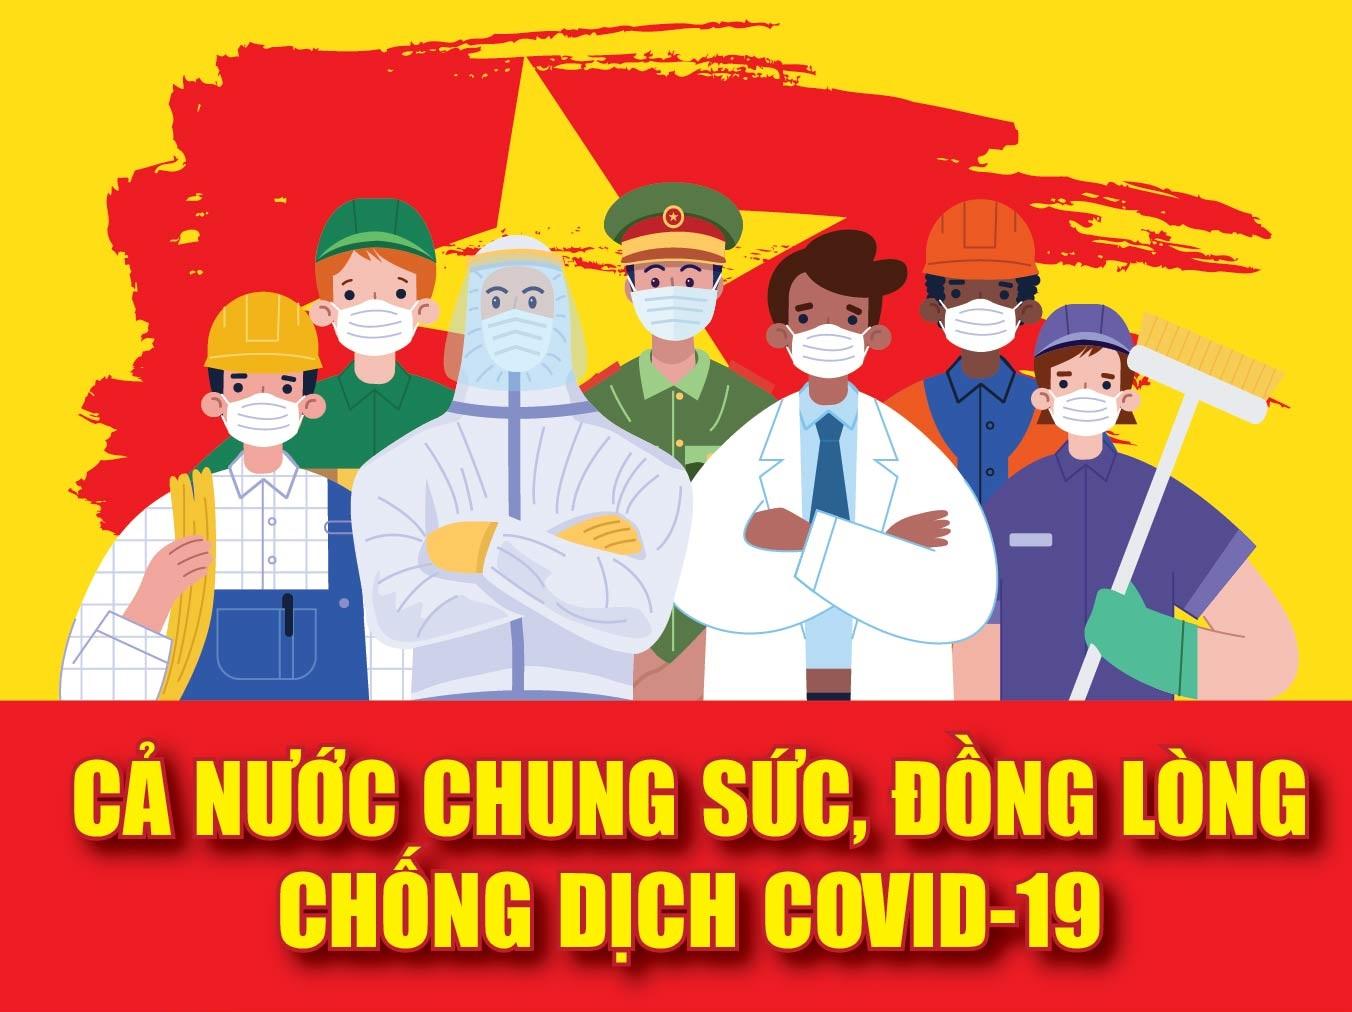 199d2101209t830l1-ca-nuoc-chung-suc-cq - Copy